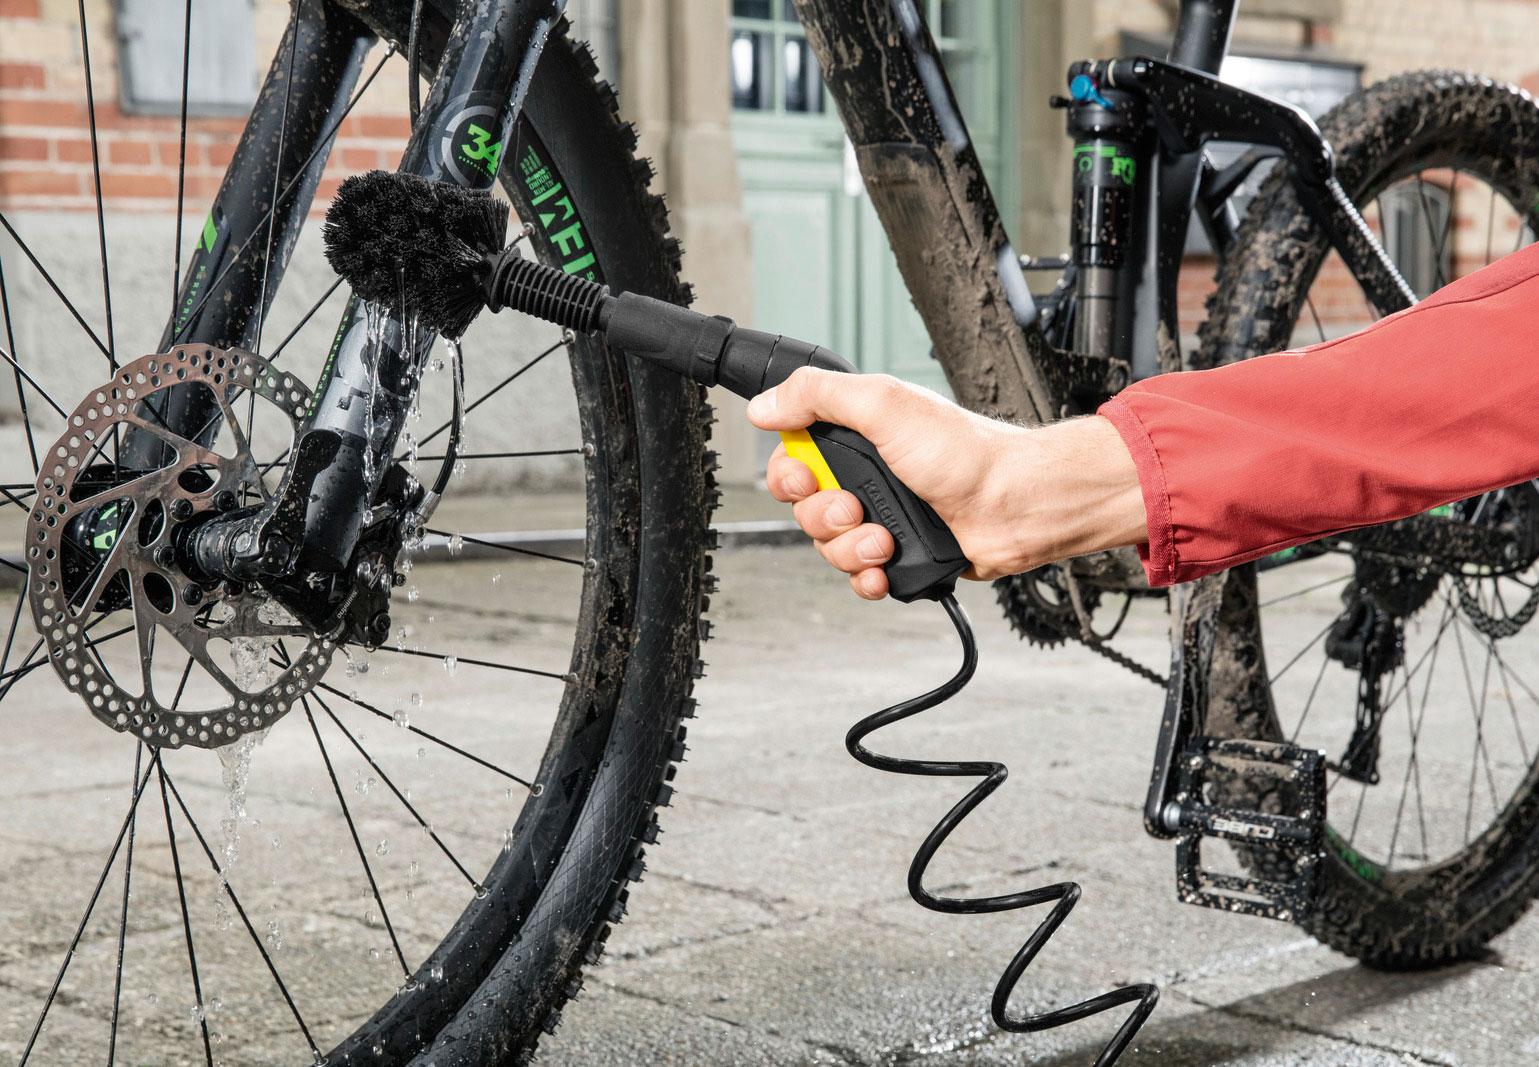 Kärcher Zubehörbox Bike OC3 für mobiler Druckreiniger Bild 2